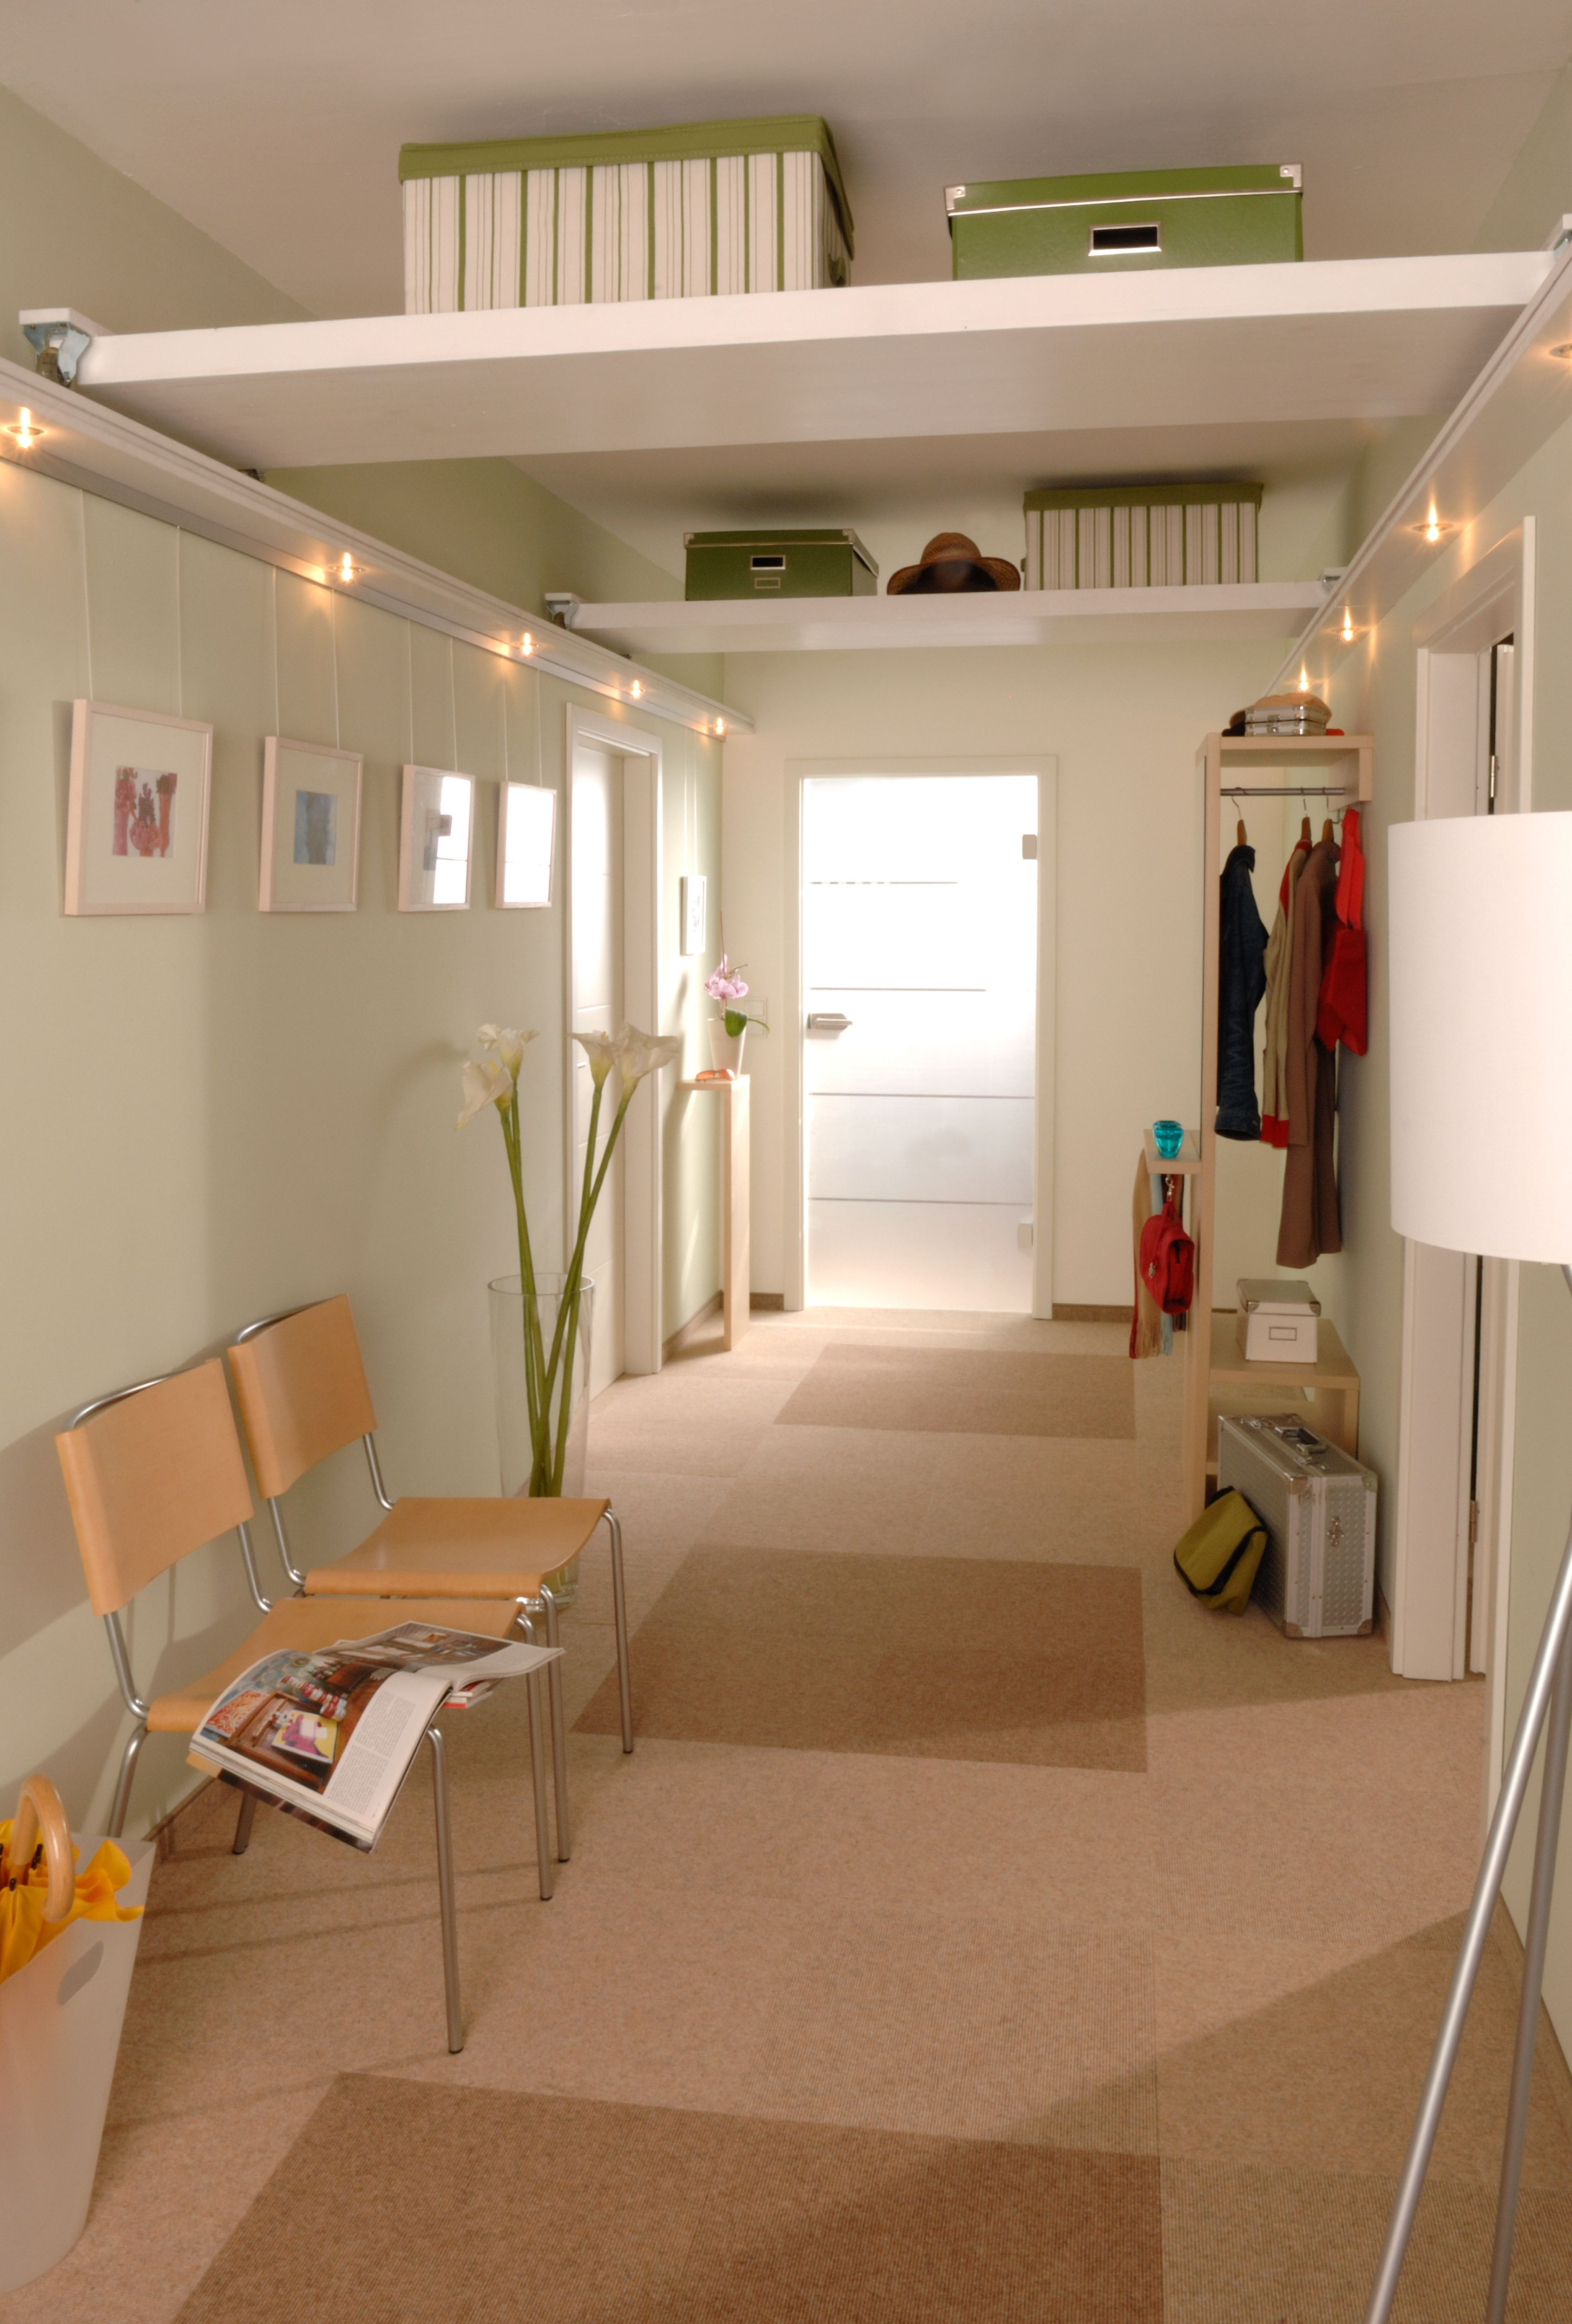 decke regal k che charmante inspiration h ngeregal k che und zufriedene decken. Black Bedroom Furniture Sets. Home Design Ideas